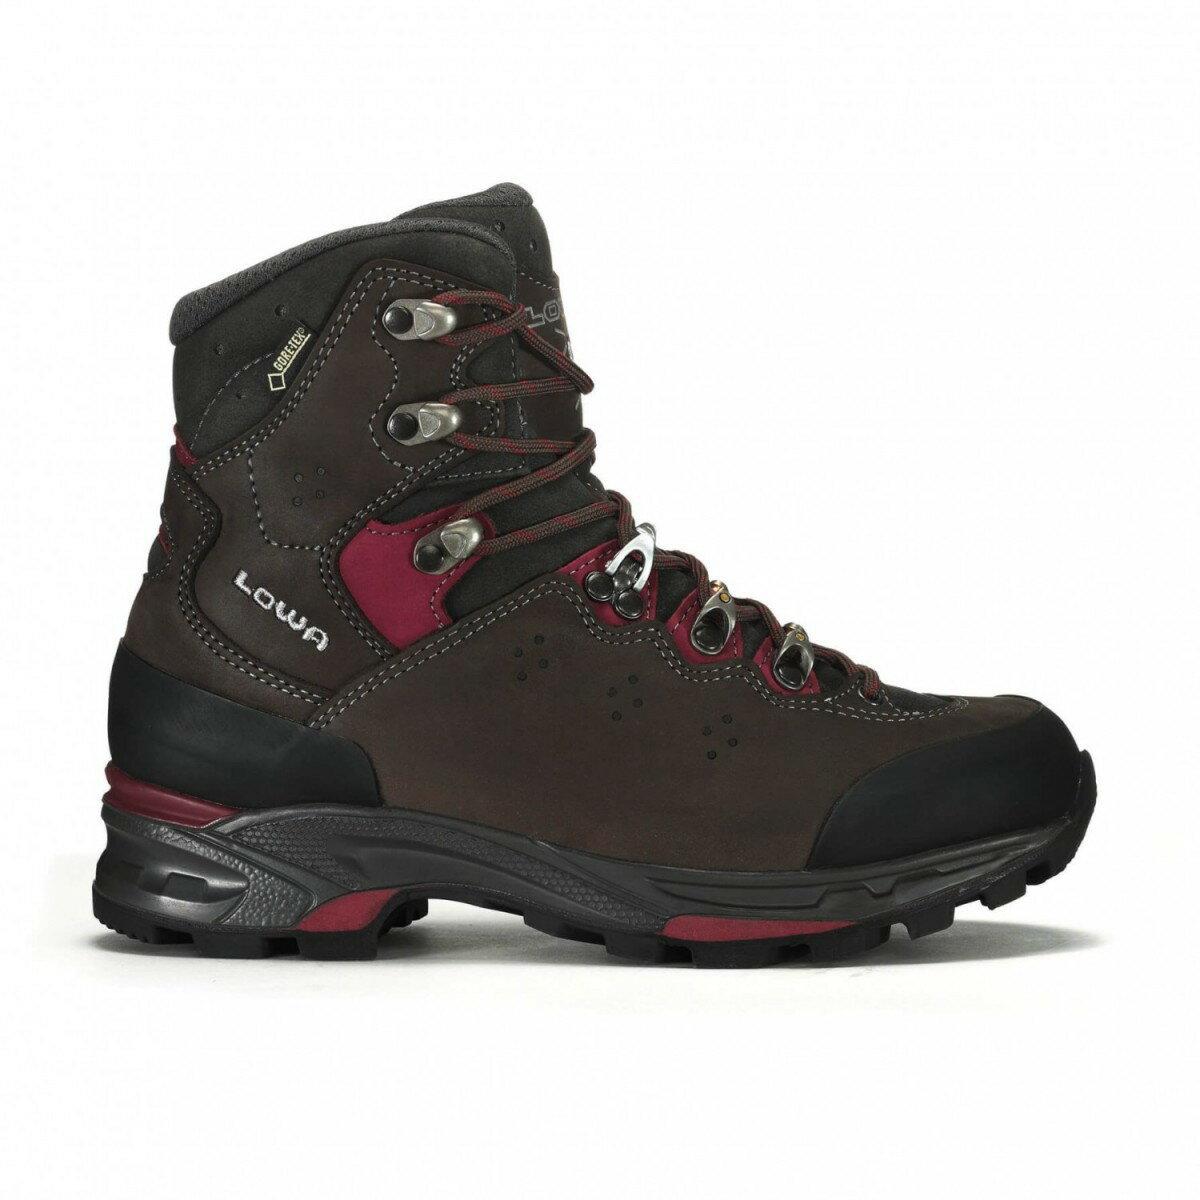 ローバー Lavena II Gtx (Slate / Berry)★登山靴・靴・登山・アウトドアシューズ・山歩き★